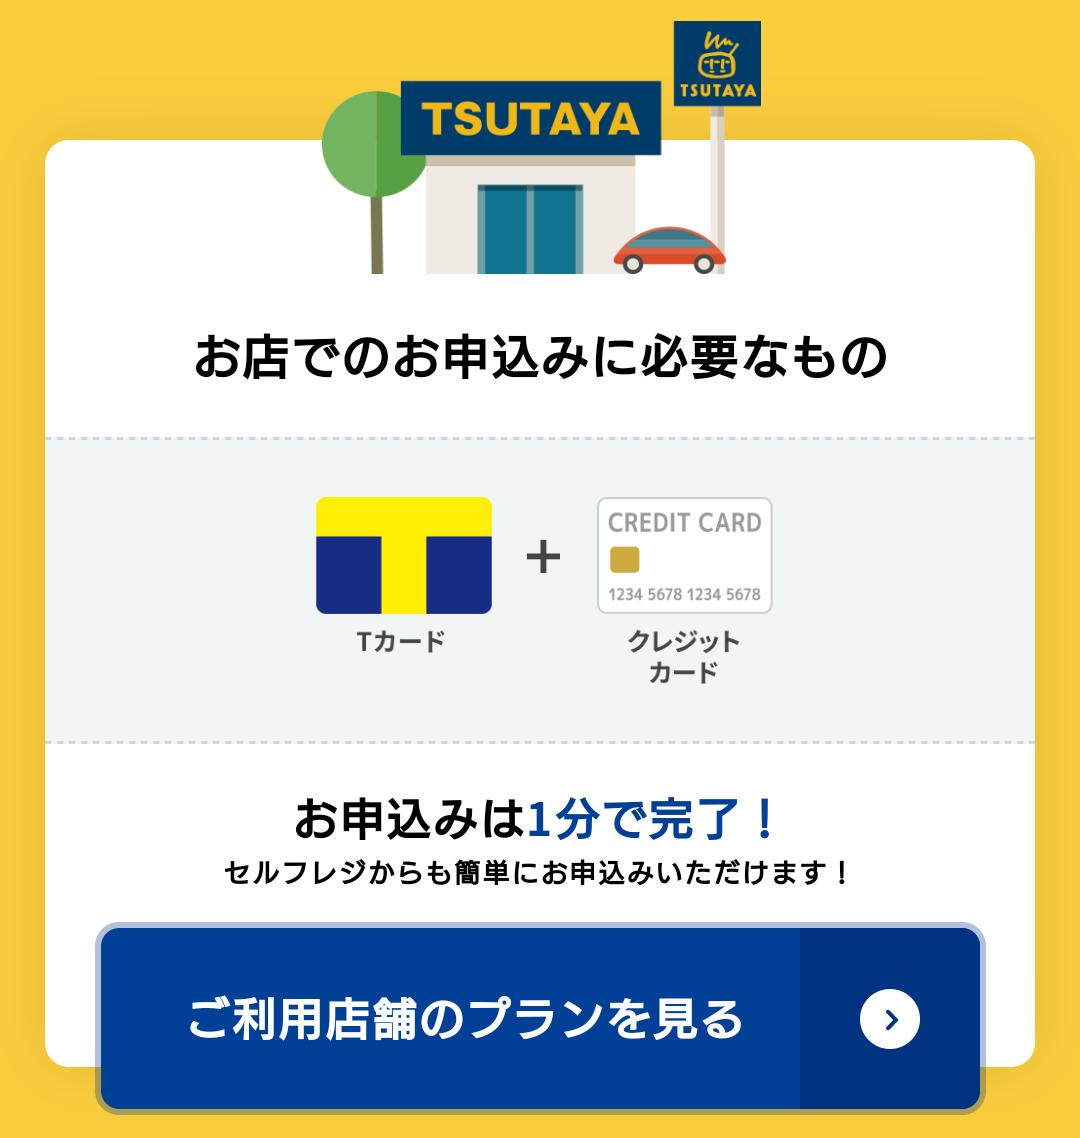 プレミアム 解約 tsutaya